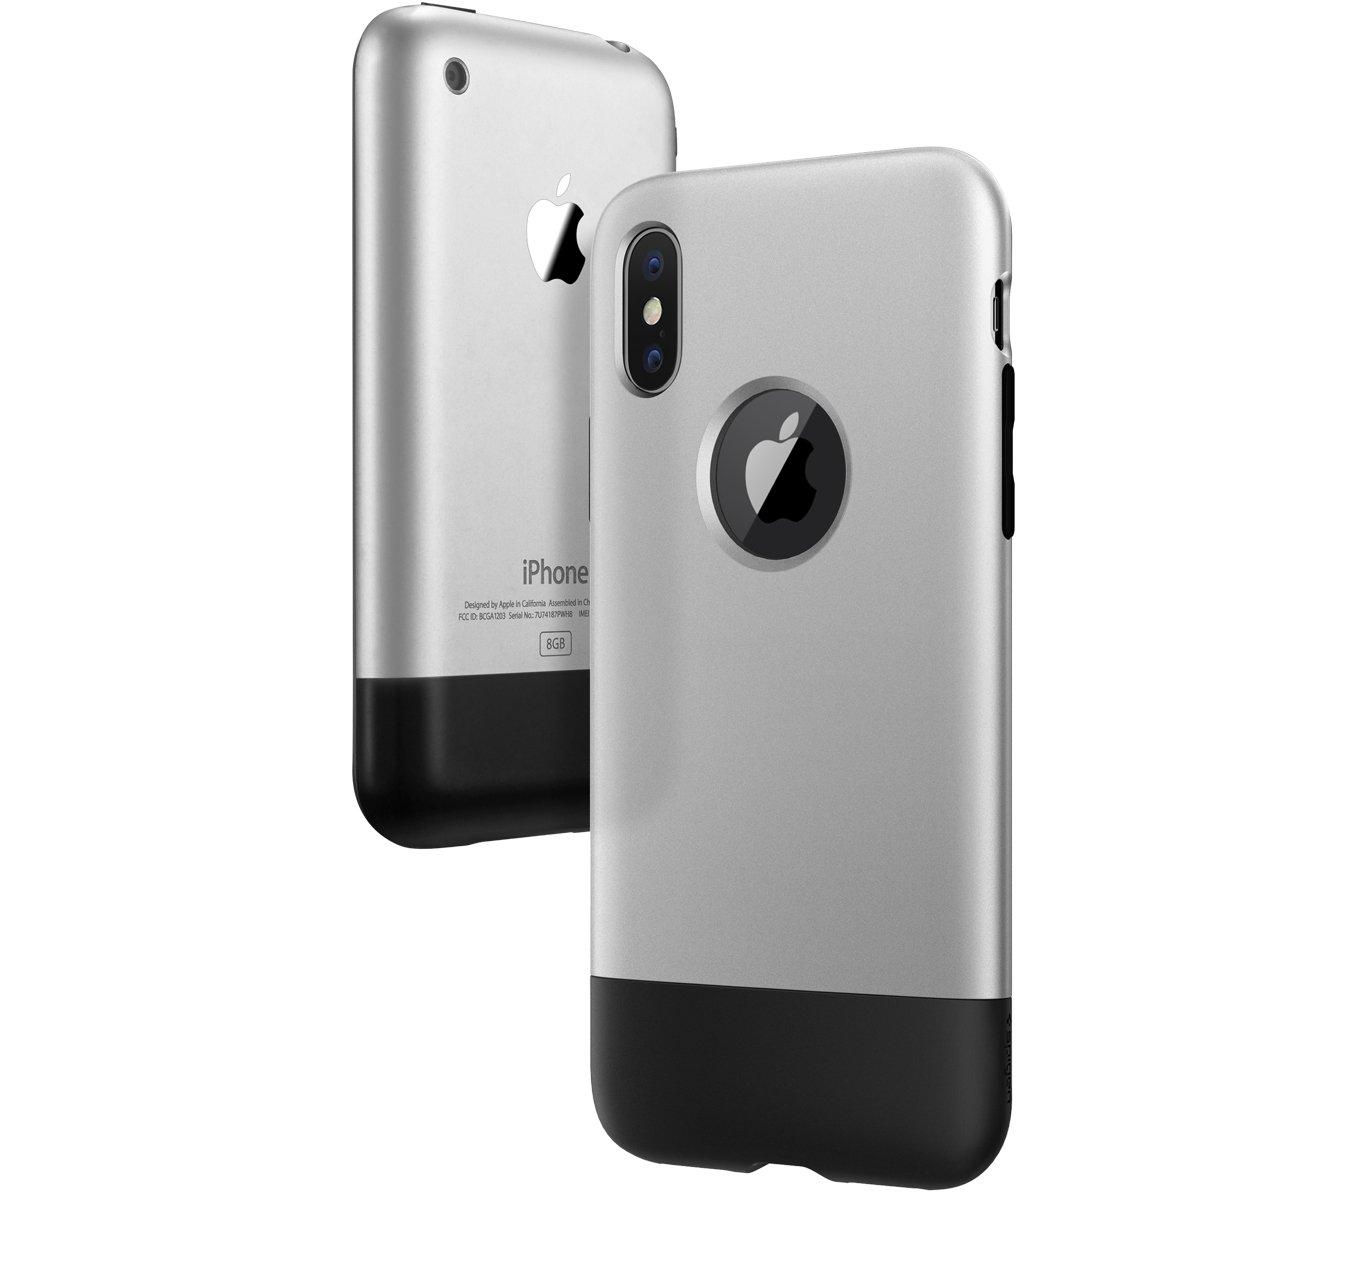 Porovnání vzhledu prvního iPhonu a iPhonu X v novém krytu